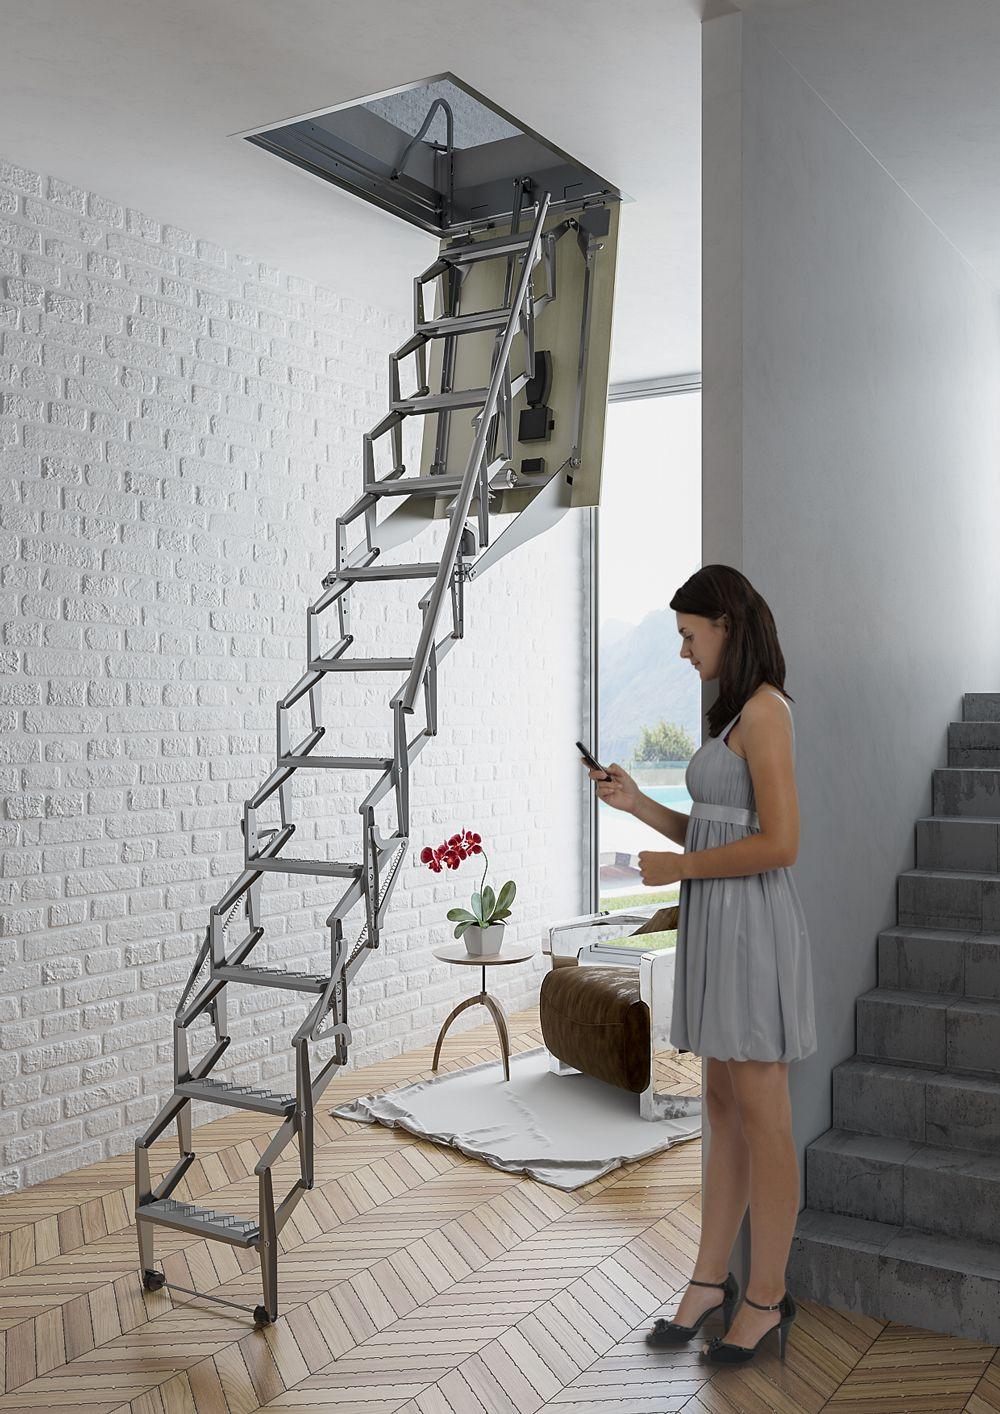 Escalera plegable y escamoteable autom tica para techo - Escaleras para buhardillas plegables ...